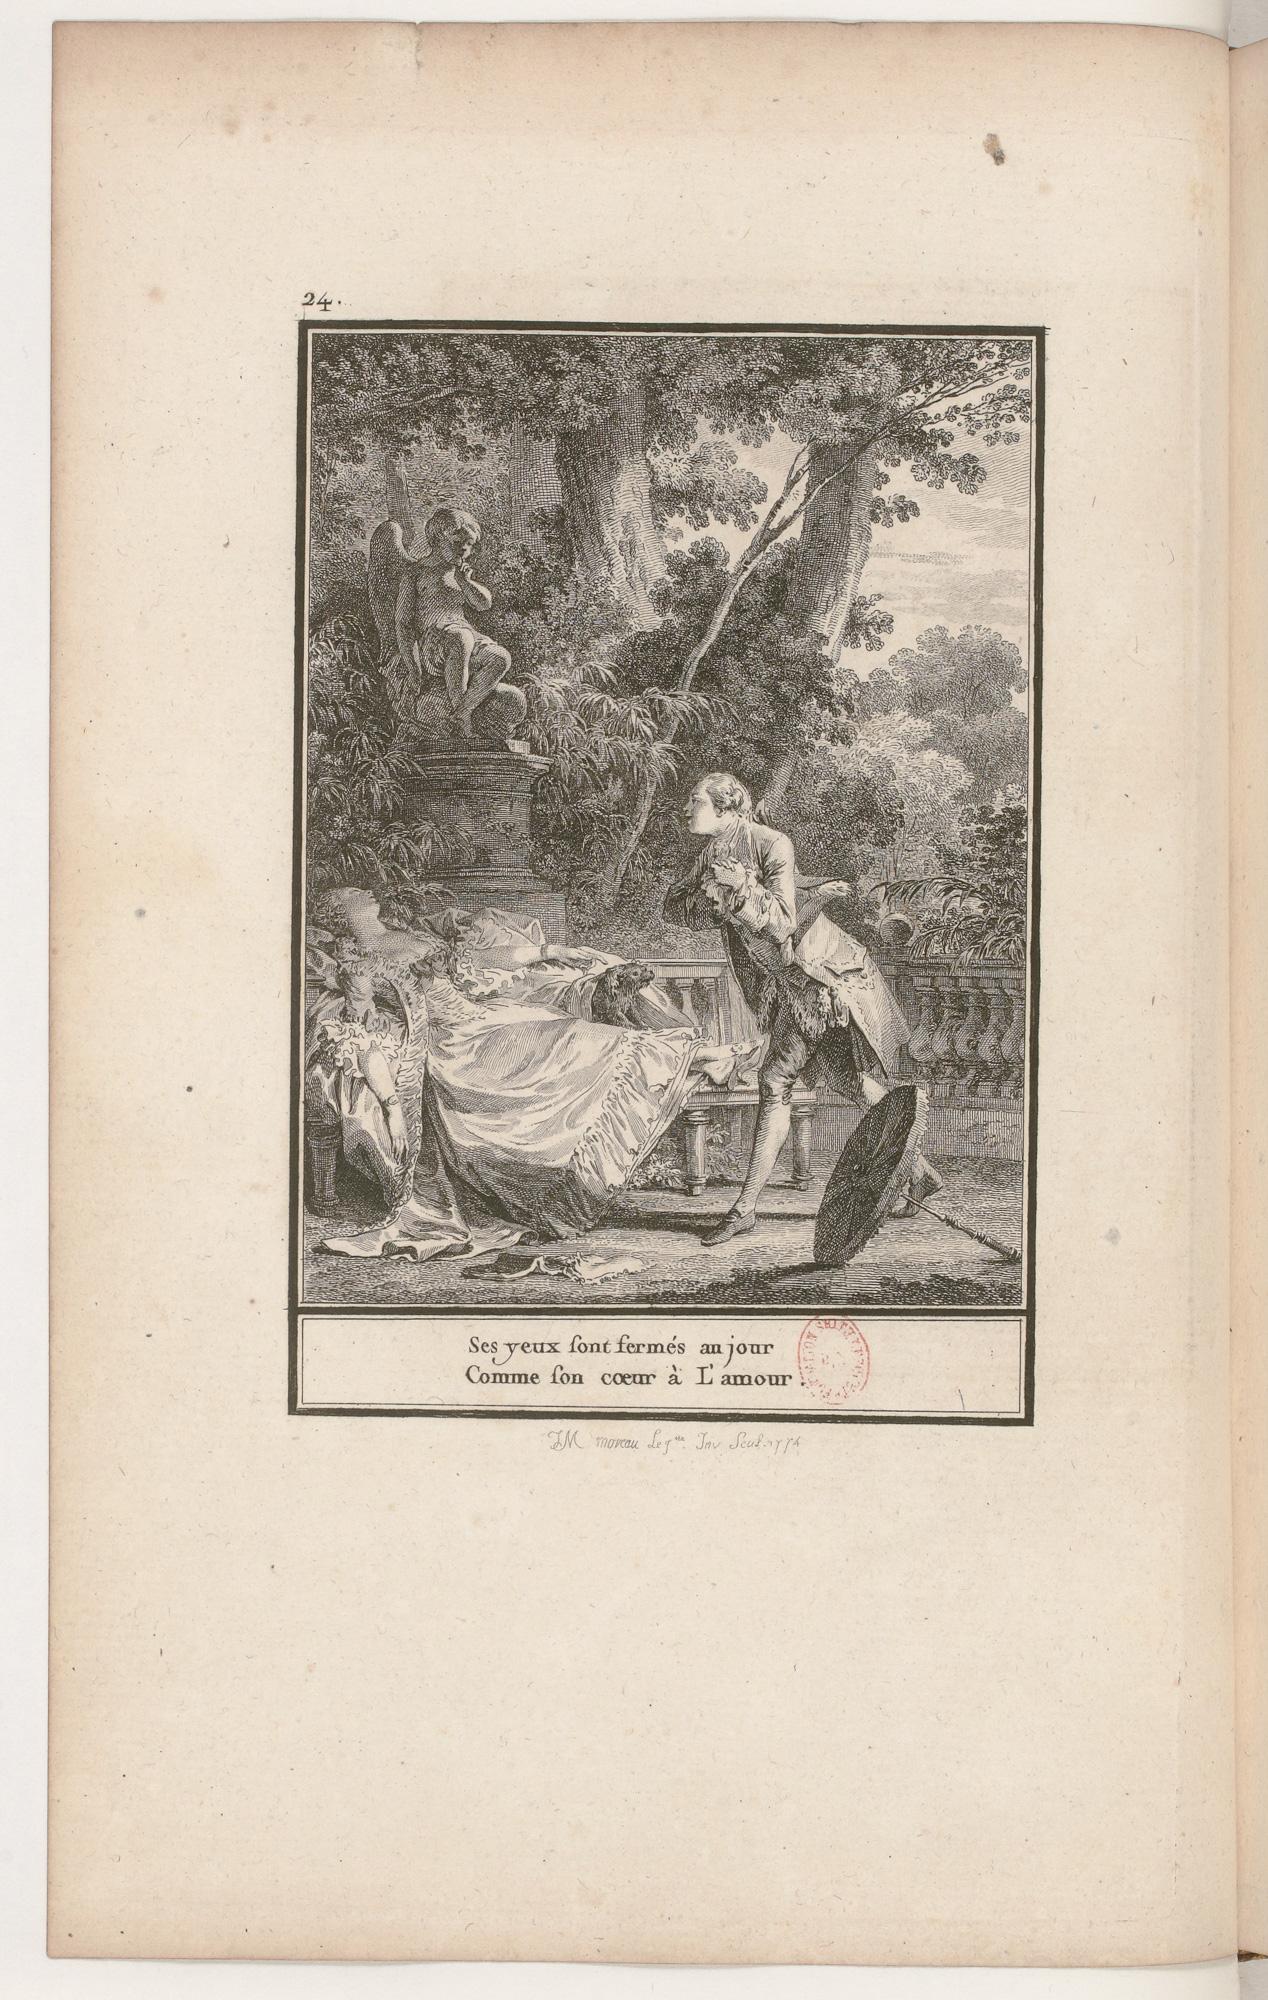 S.1.04 La dormeuse,1772, Image